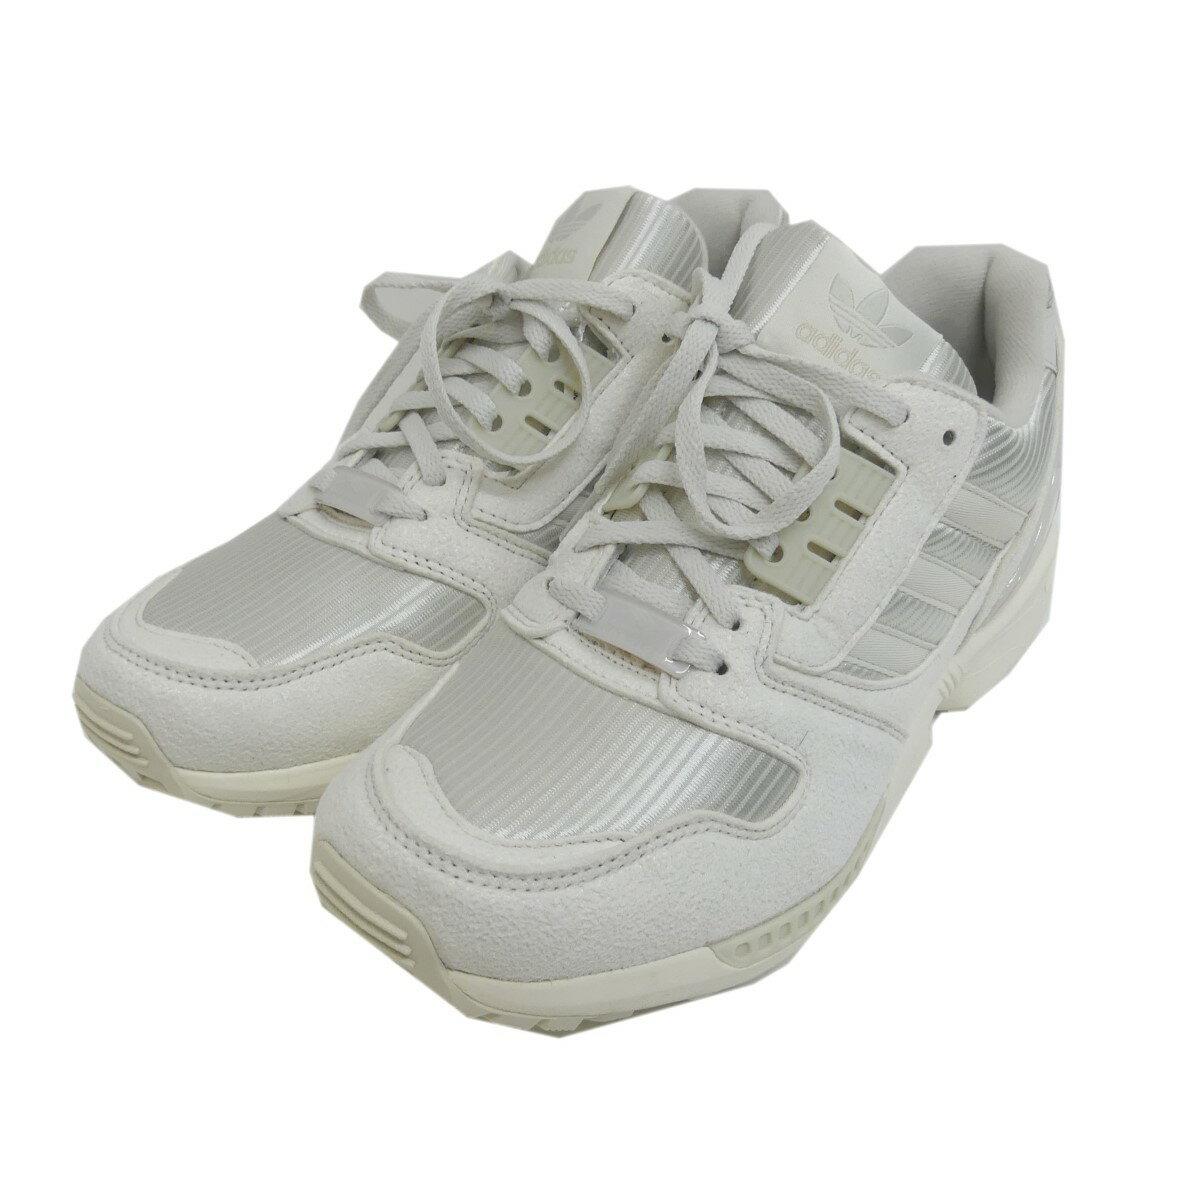 メンズ靴, スニーカー adidas ZX8000 265cm 180920